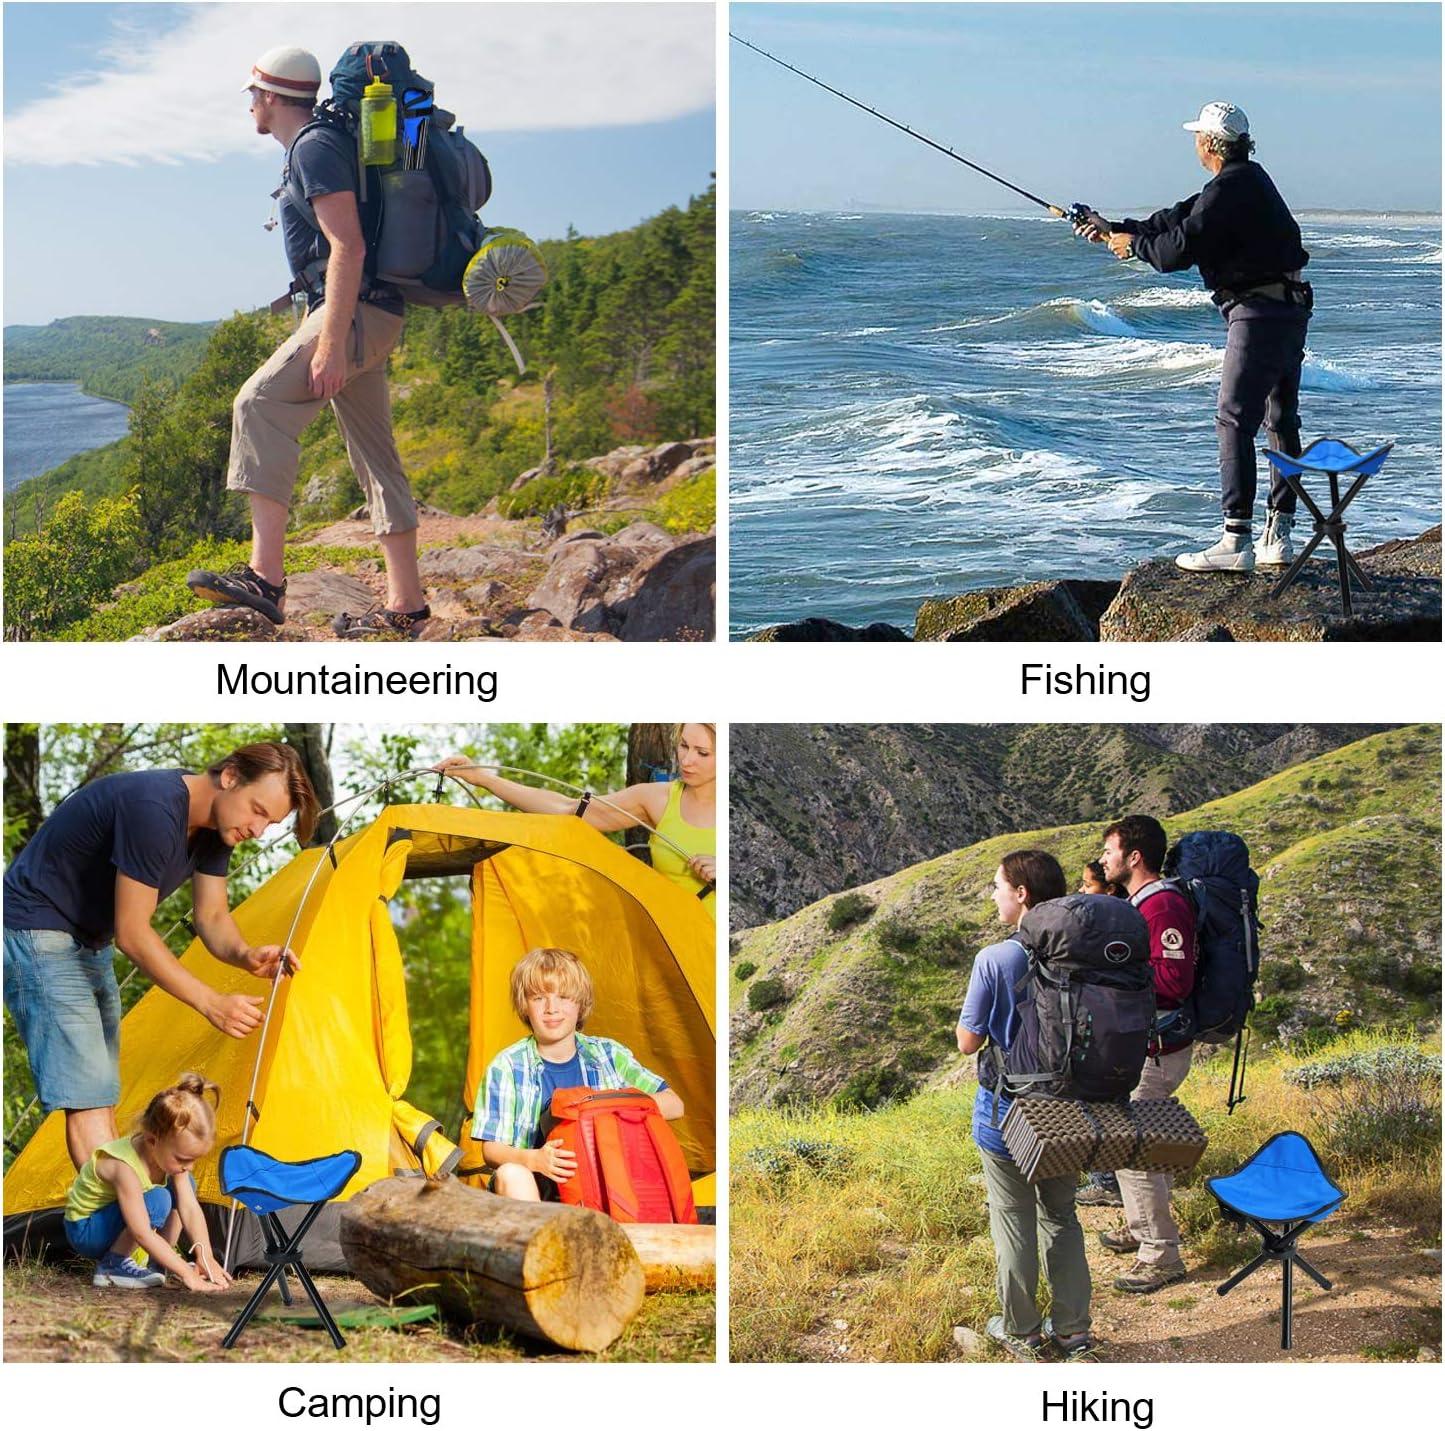 Songway Sedia Sgabello Pieghevole per treppiede Portatile Leggero per Campeggio allaperto Pesca Escursionismo e Spiaggia Supporto 225 libbre